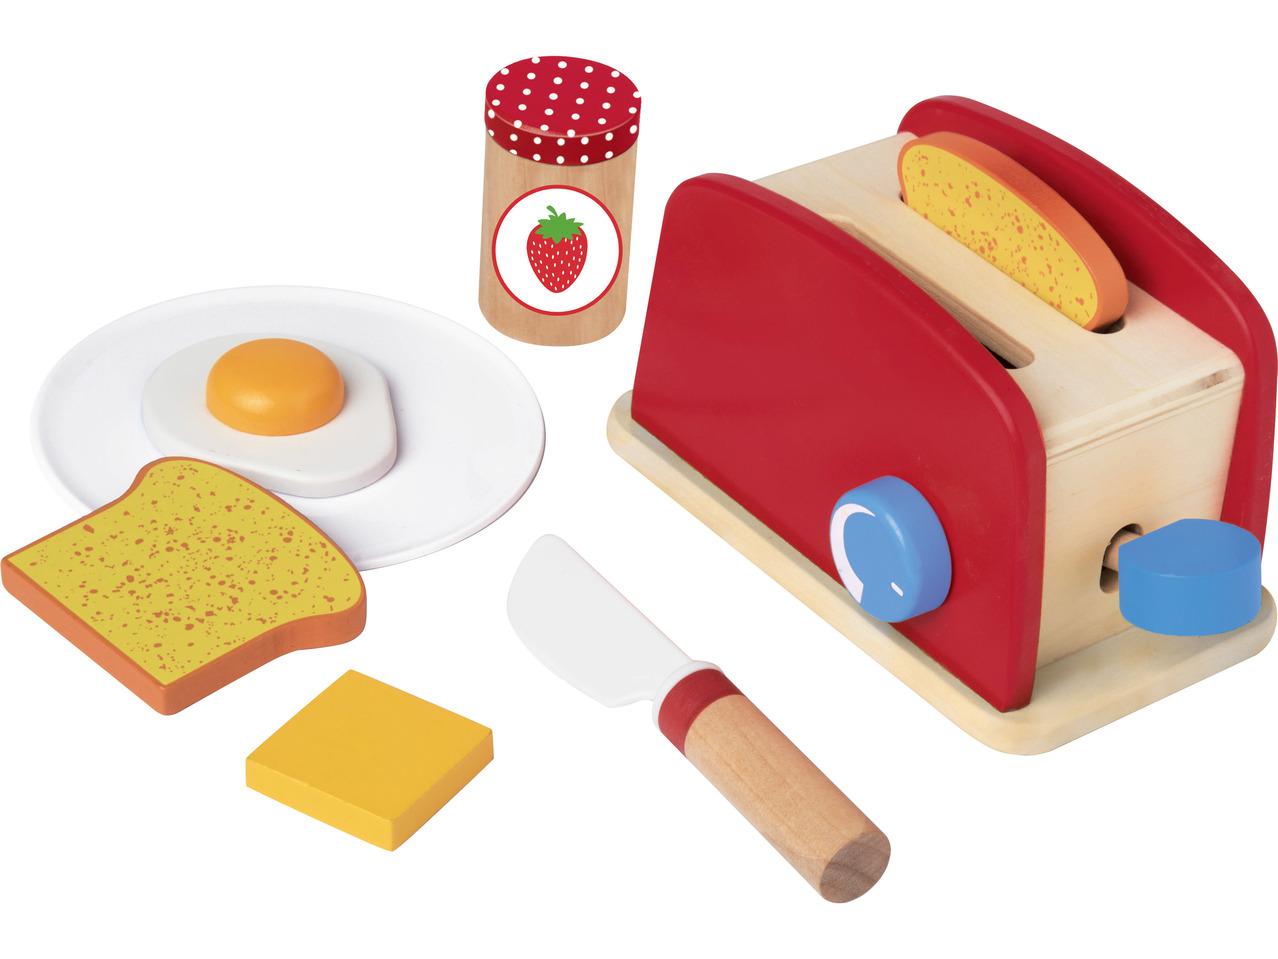 Playtive Junior Wooden Kitchen Set Lidl Ireland Specials Archive